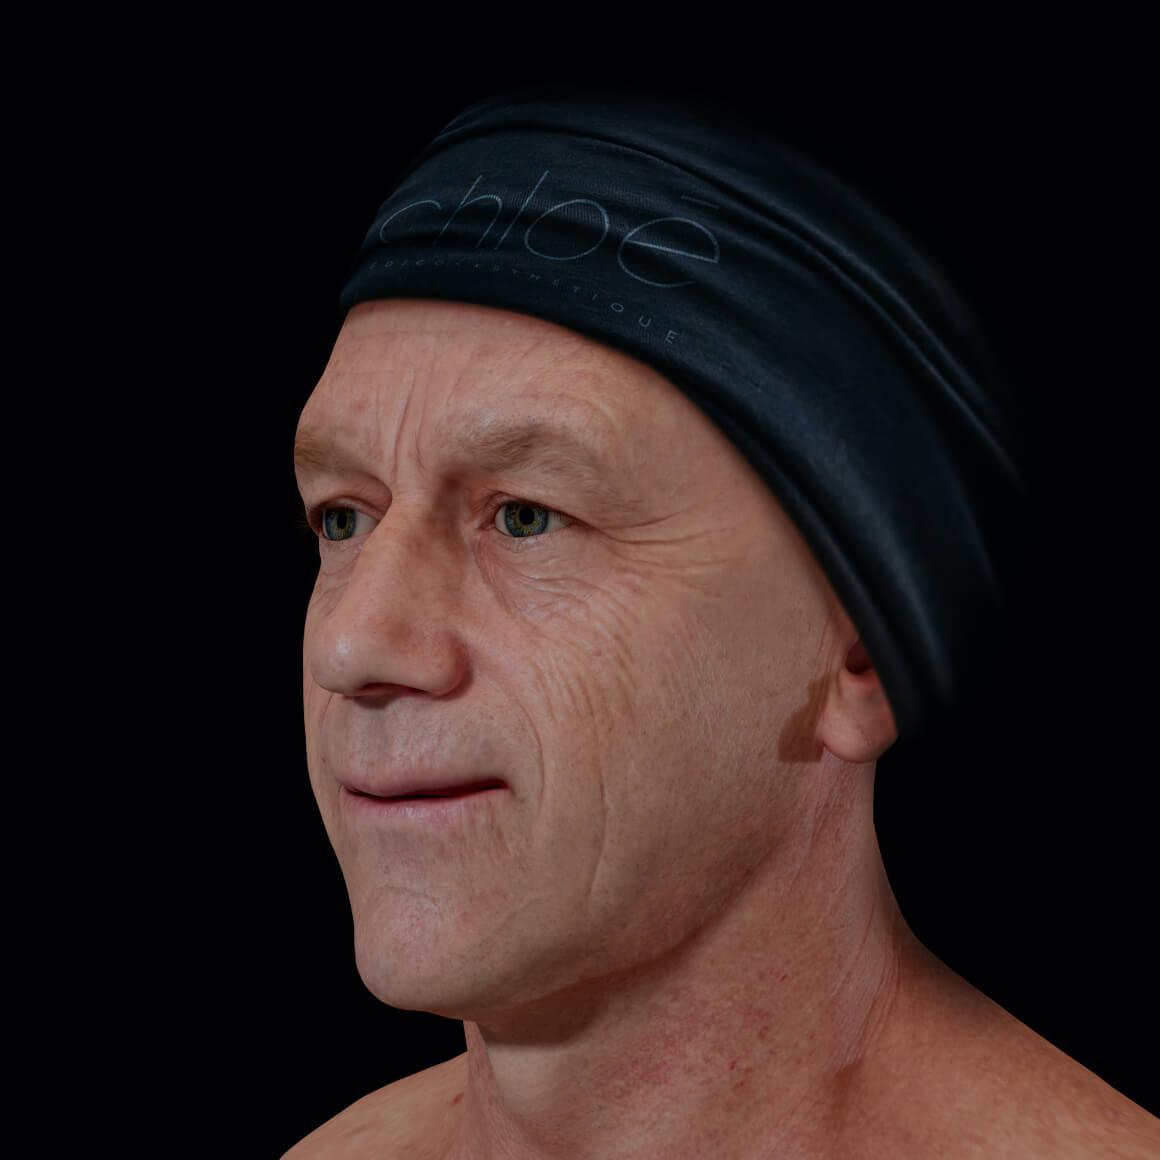 Patient de la Clinique Chloé positionné en angle aux prises avec des rides et ridules au niveau du visage